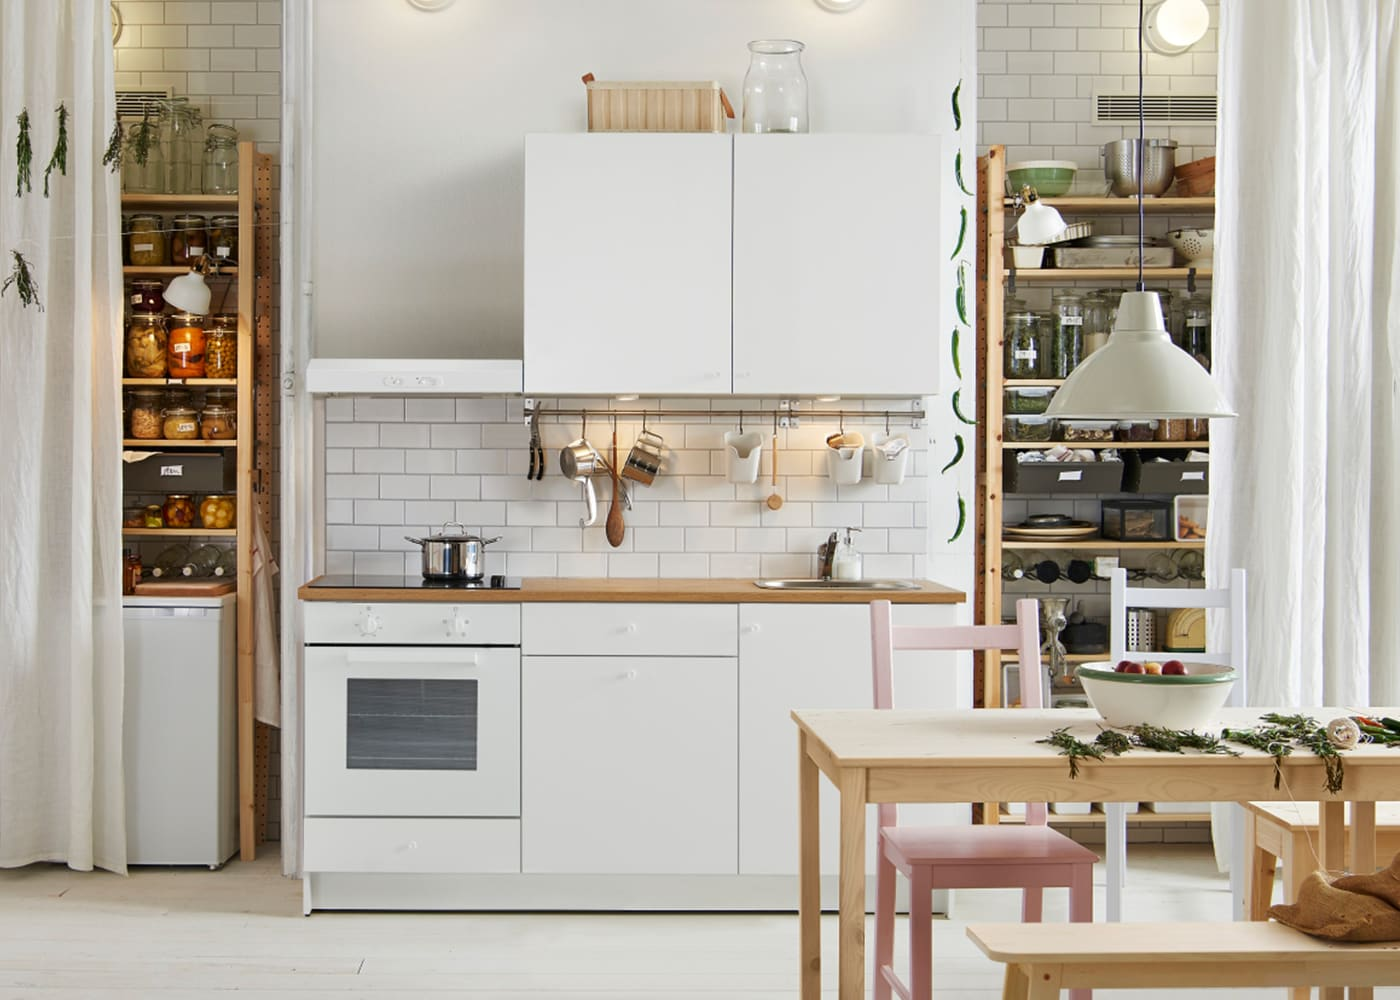 Bei IKEA gibt es Küchenzeilen in jeder Preisklasse! - IKEA